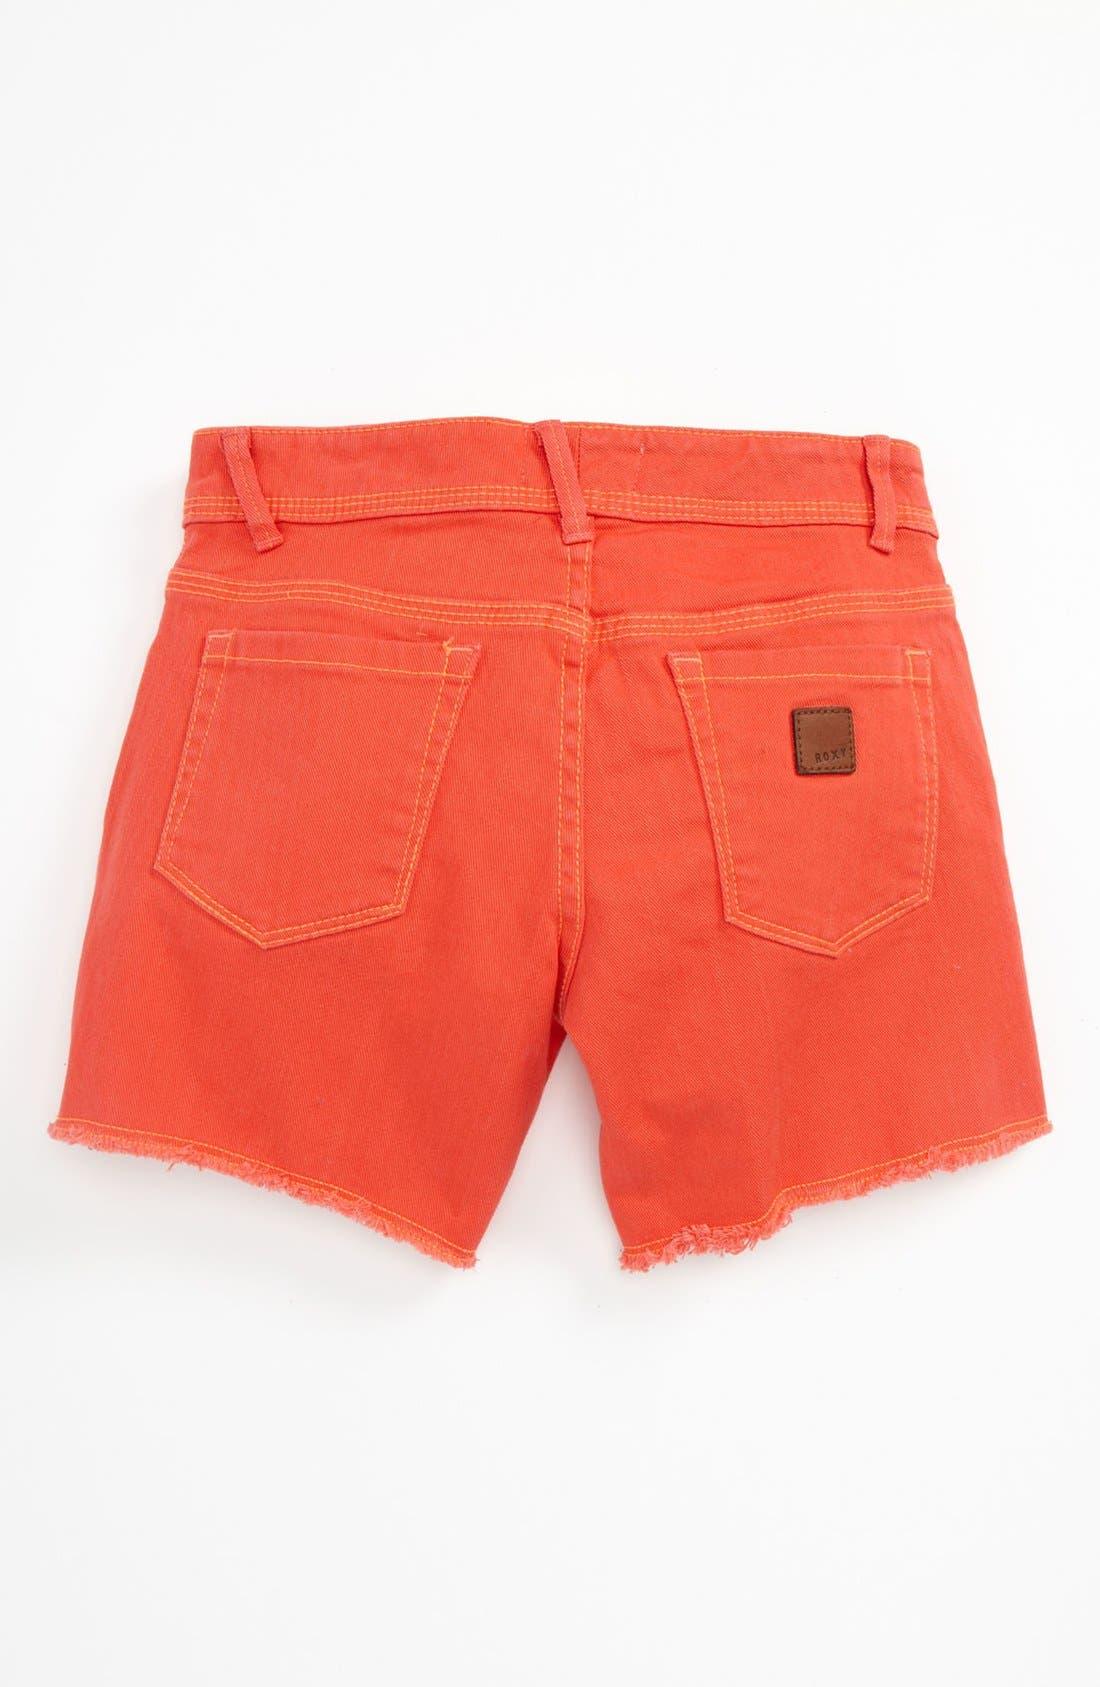 Main Image - Roxy 'Long Trippers' Bermuda Shorts (Big Girls)